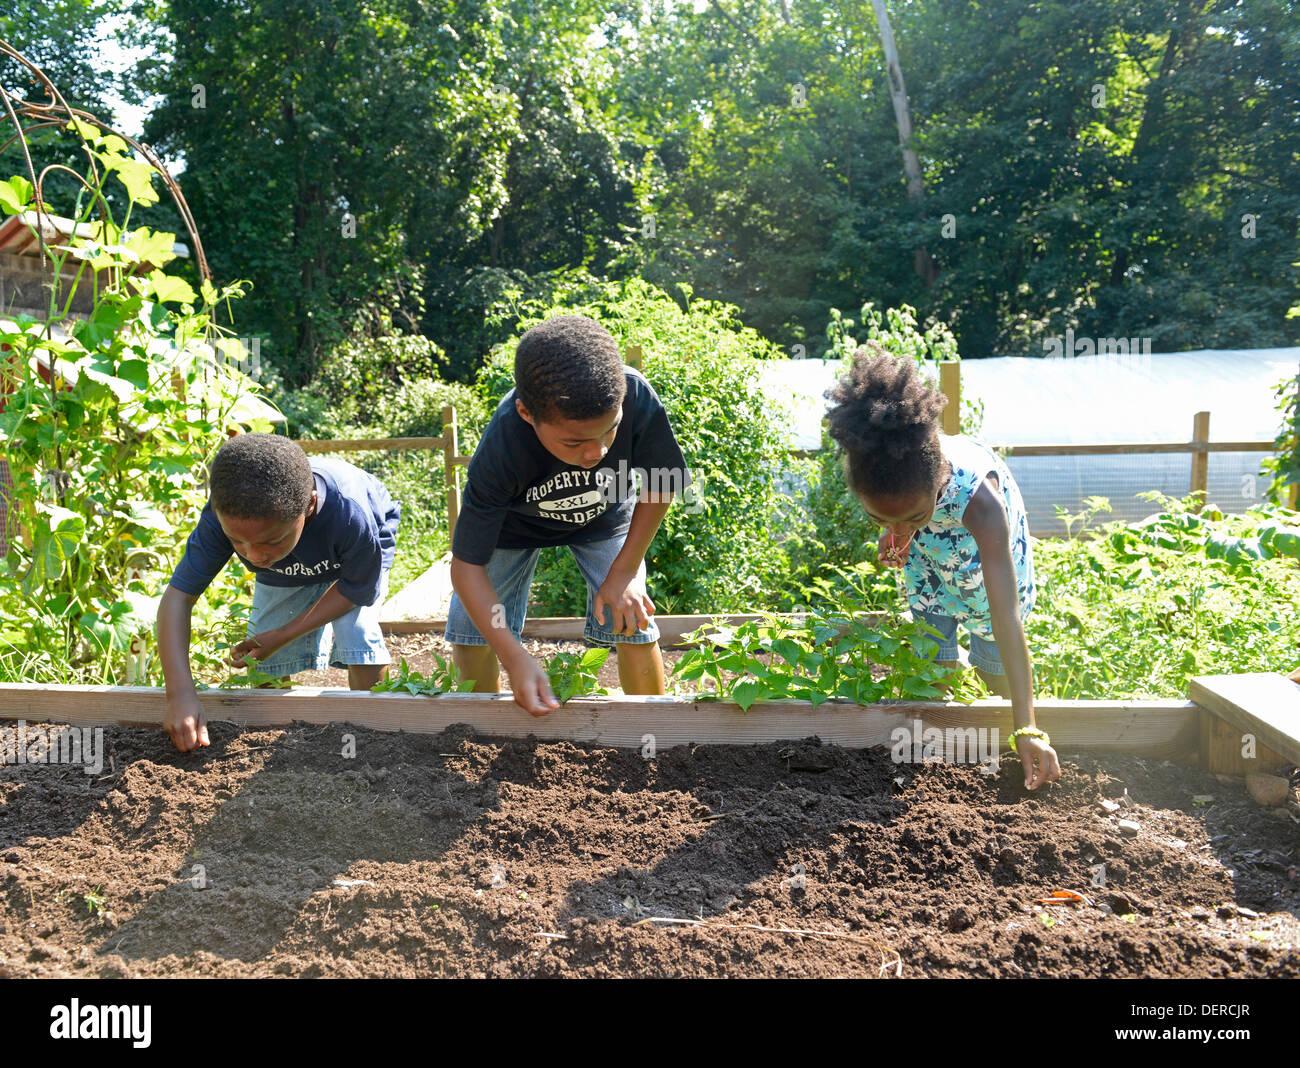 Los niños negros de New Haven práctica plantar lechuga de Common Ground High School, una escuela charter ambiental. Imagen De Stock